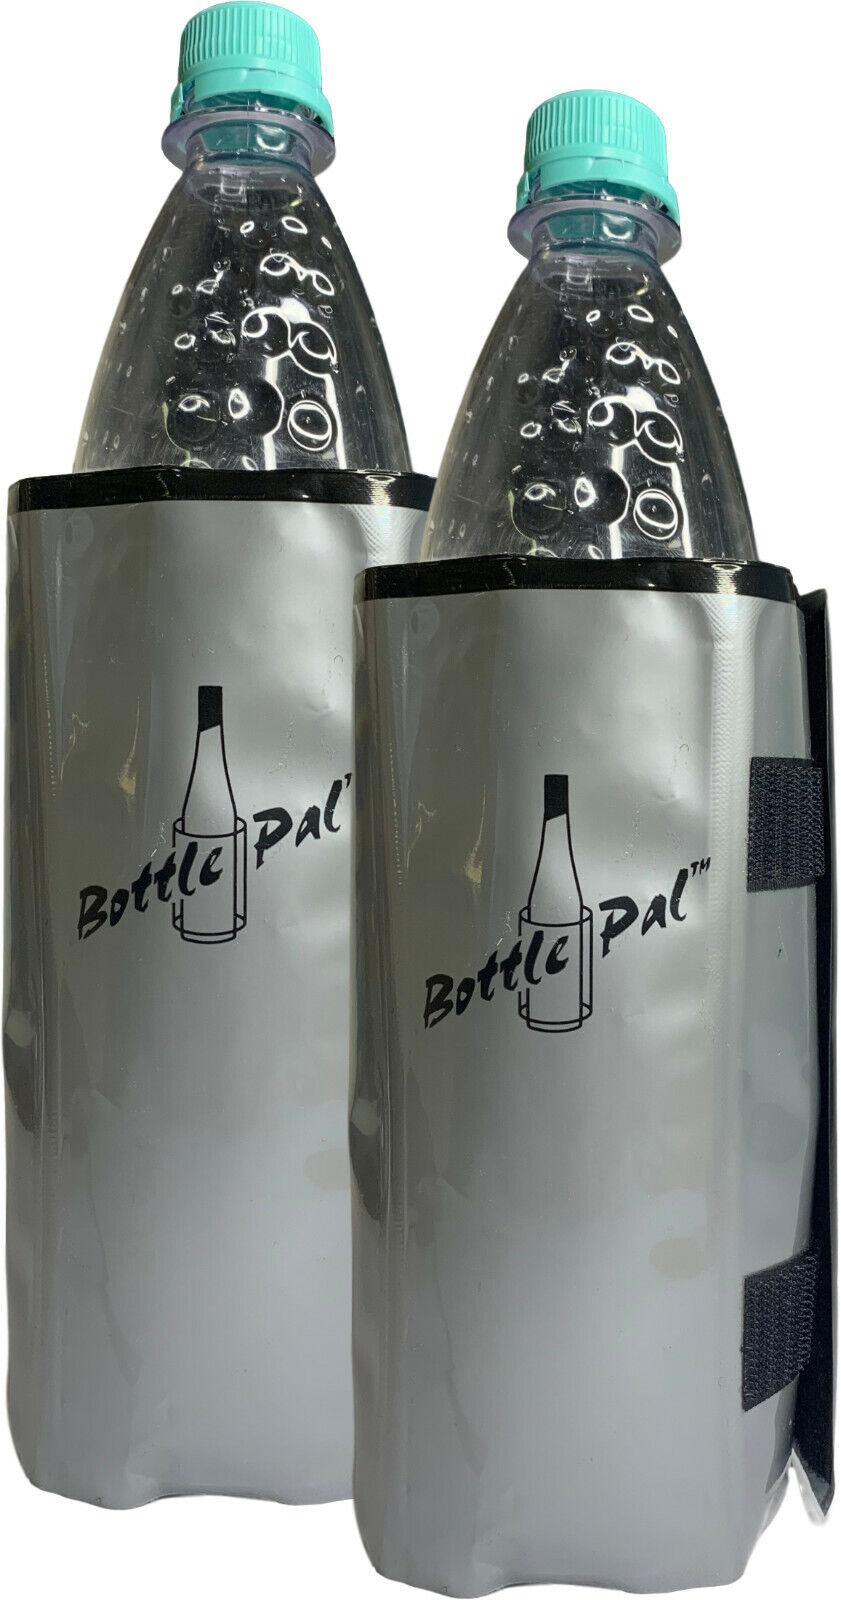 2x Flaschenkühler Kühlmanschette -Klettverschluss zum Kühlen von Flaschen Grau